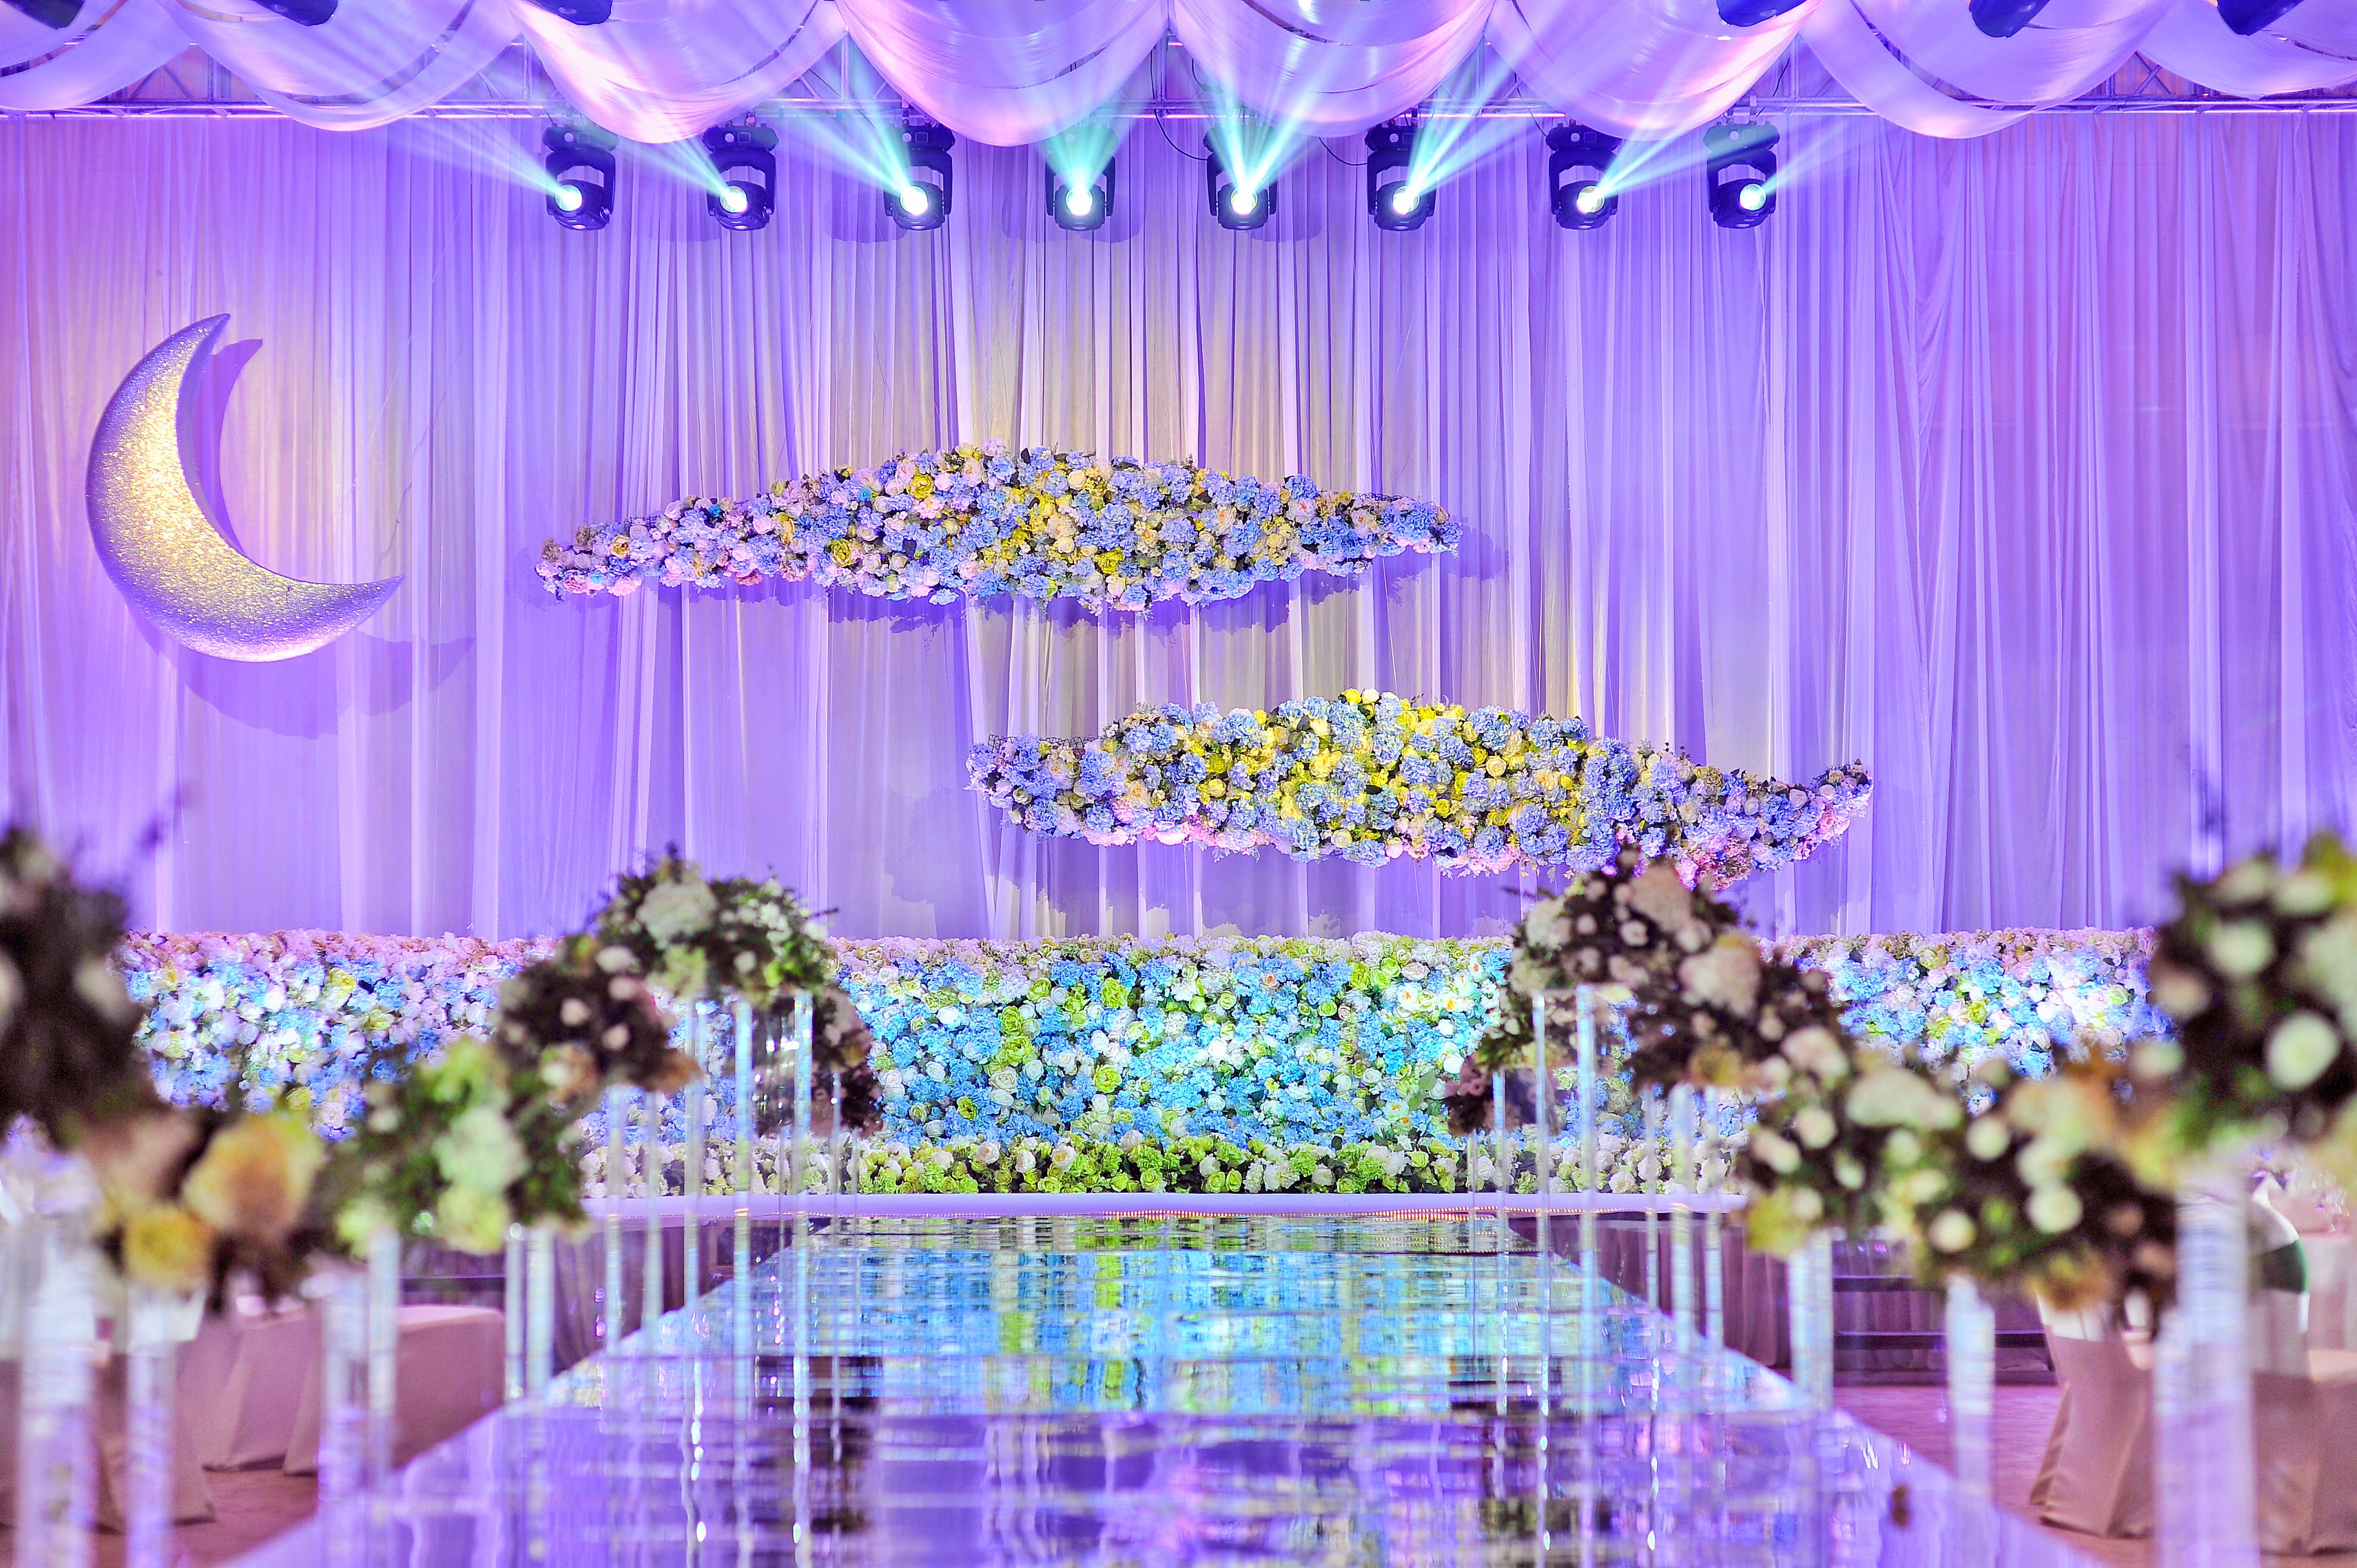 婚礼布置灯光效果图